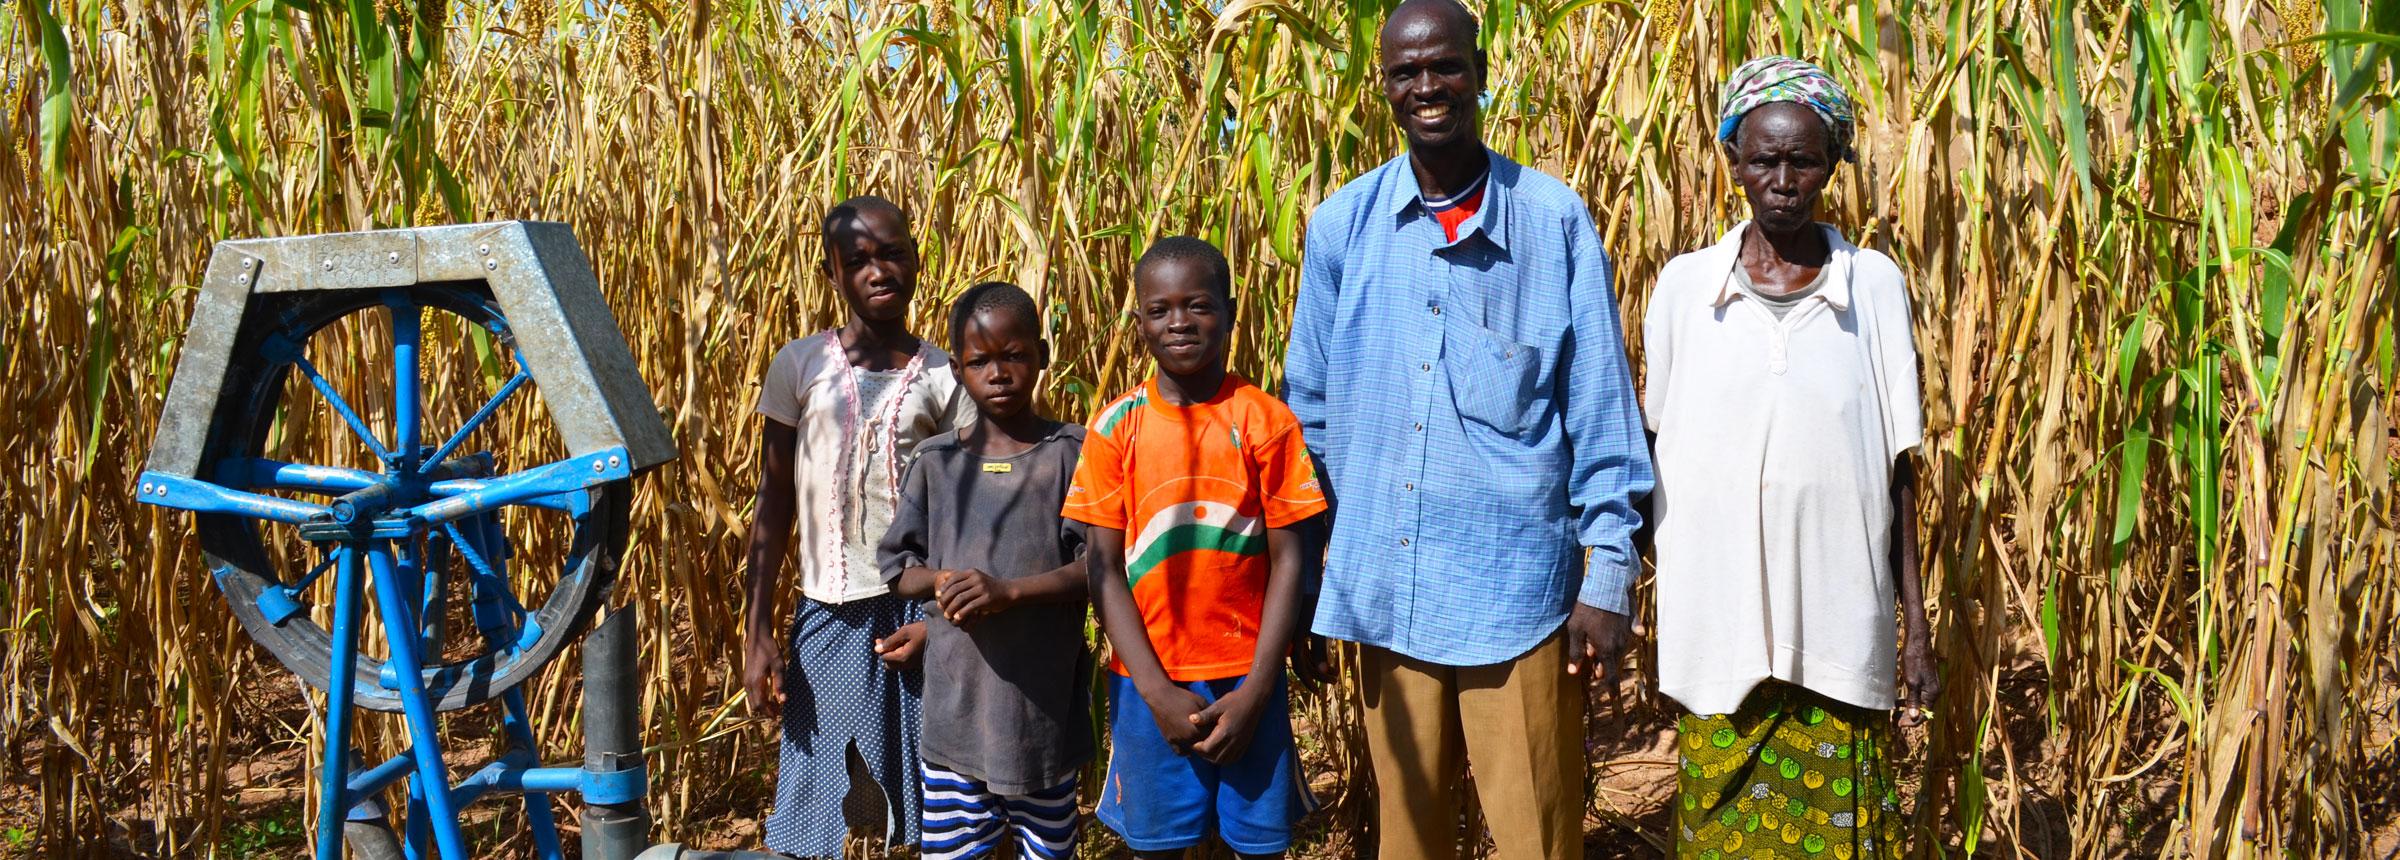 Burkina Faso family at water pump